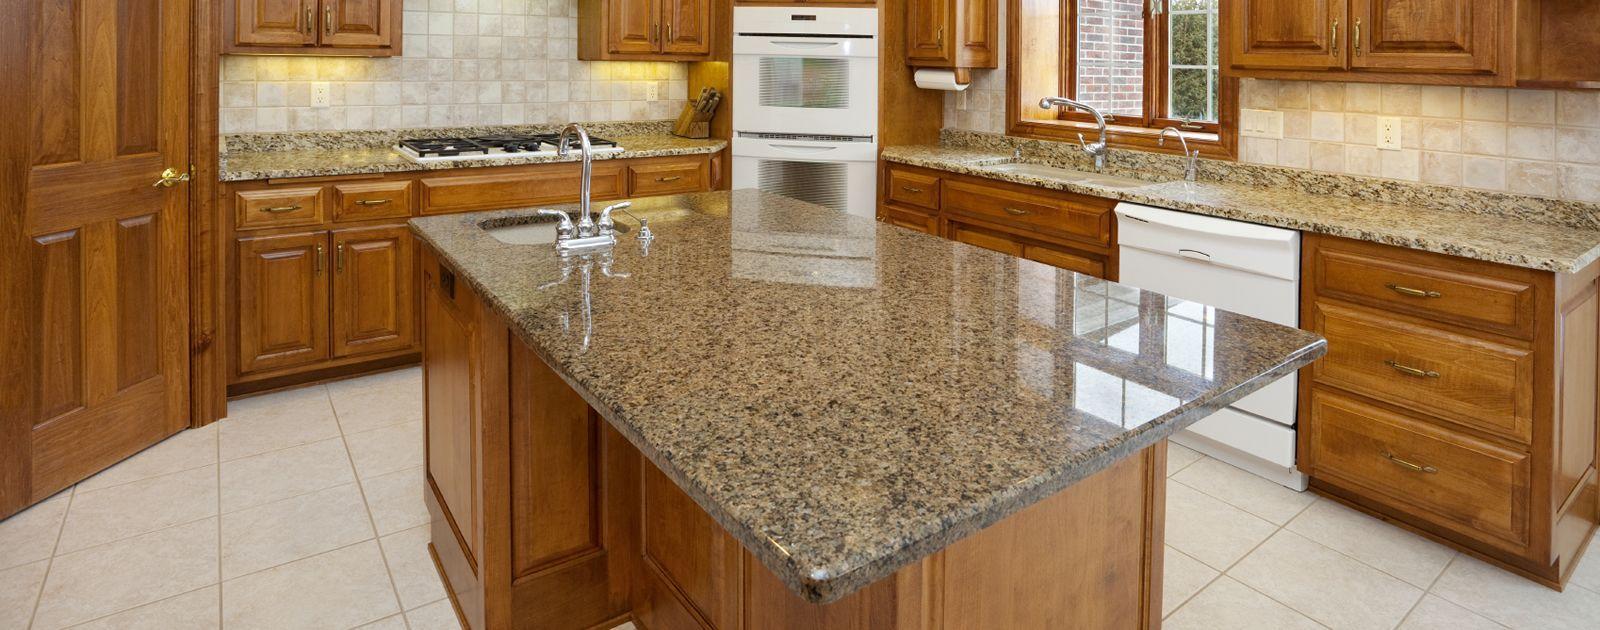 Stein Arbeitsplatte Granit